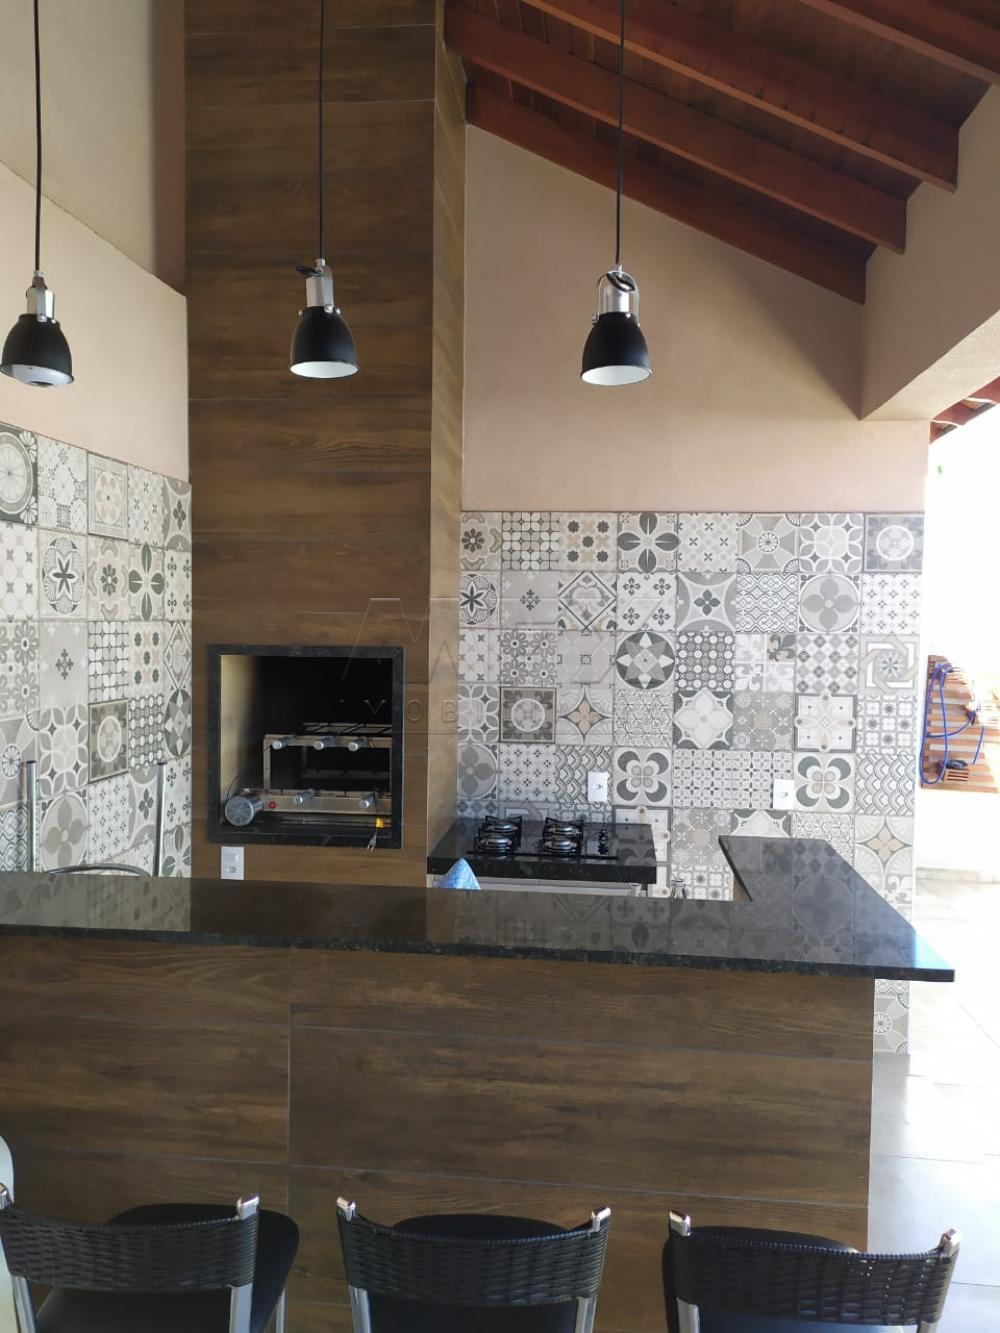 Comprar Casa / Padrão em Bauru apenas R$ 700.000,00 - Foto 17